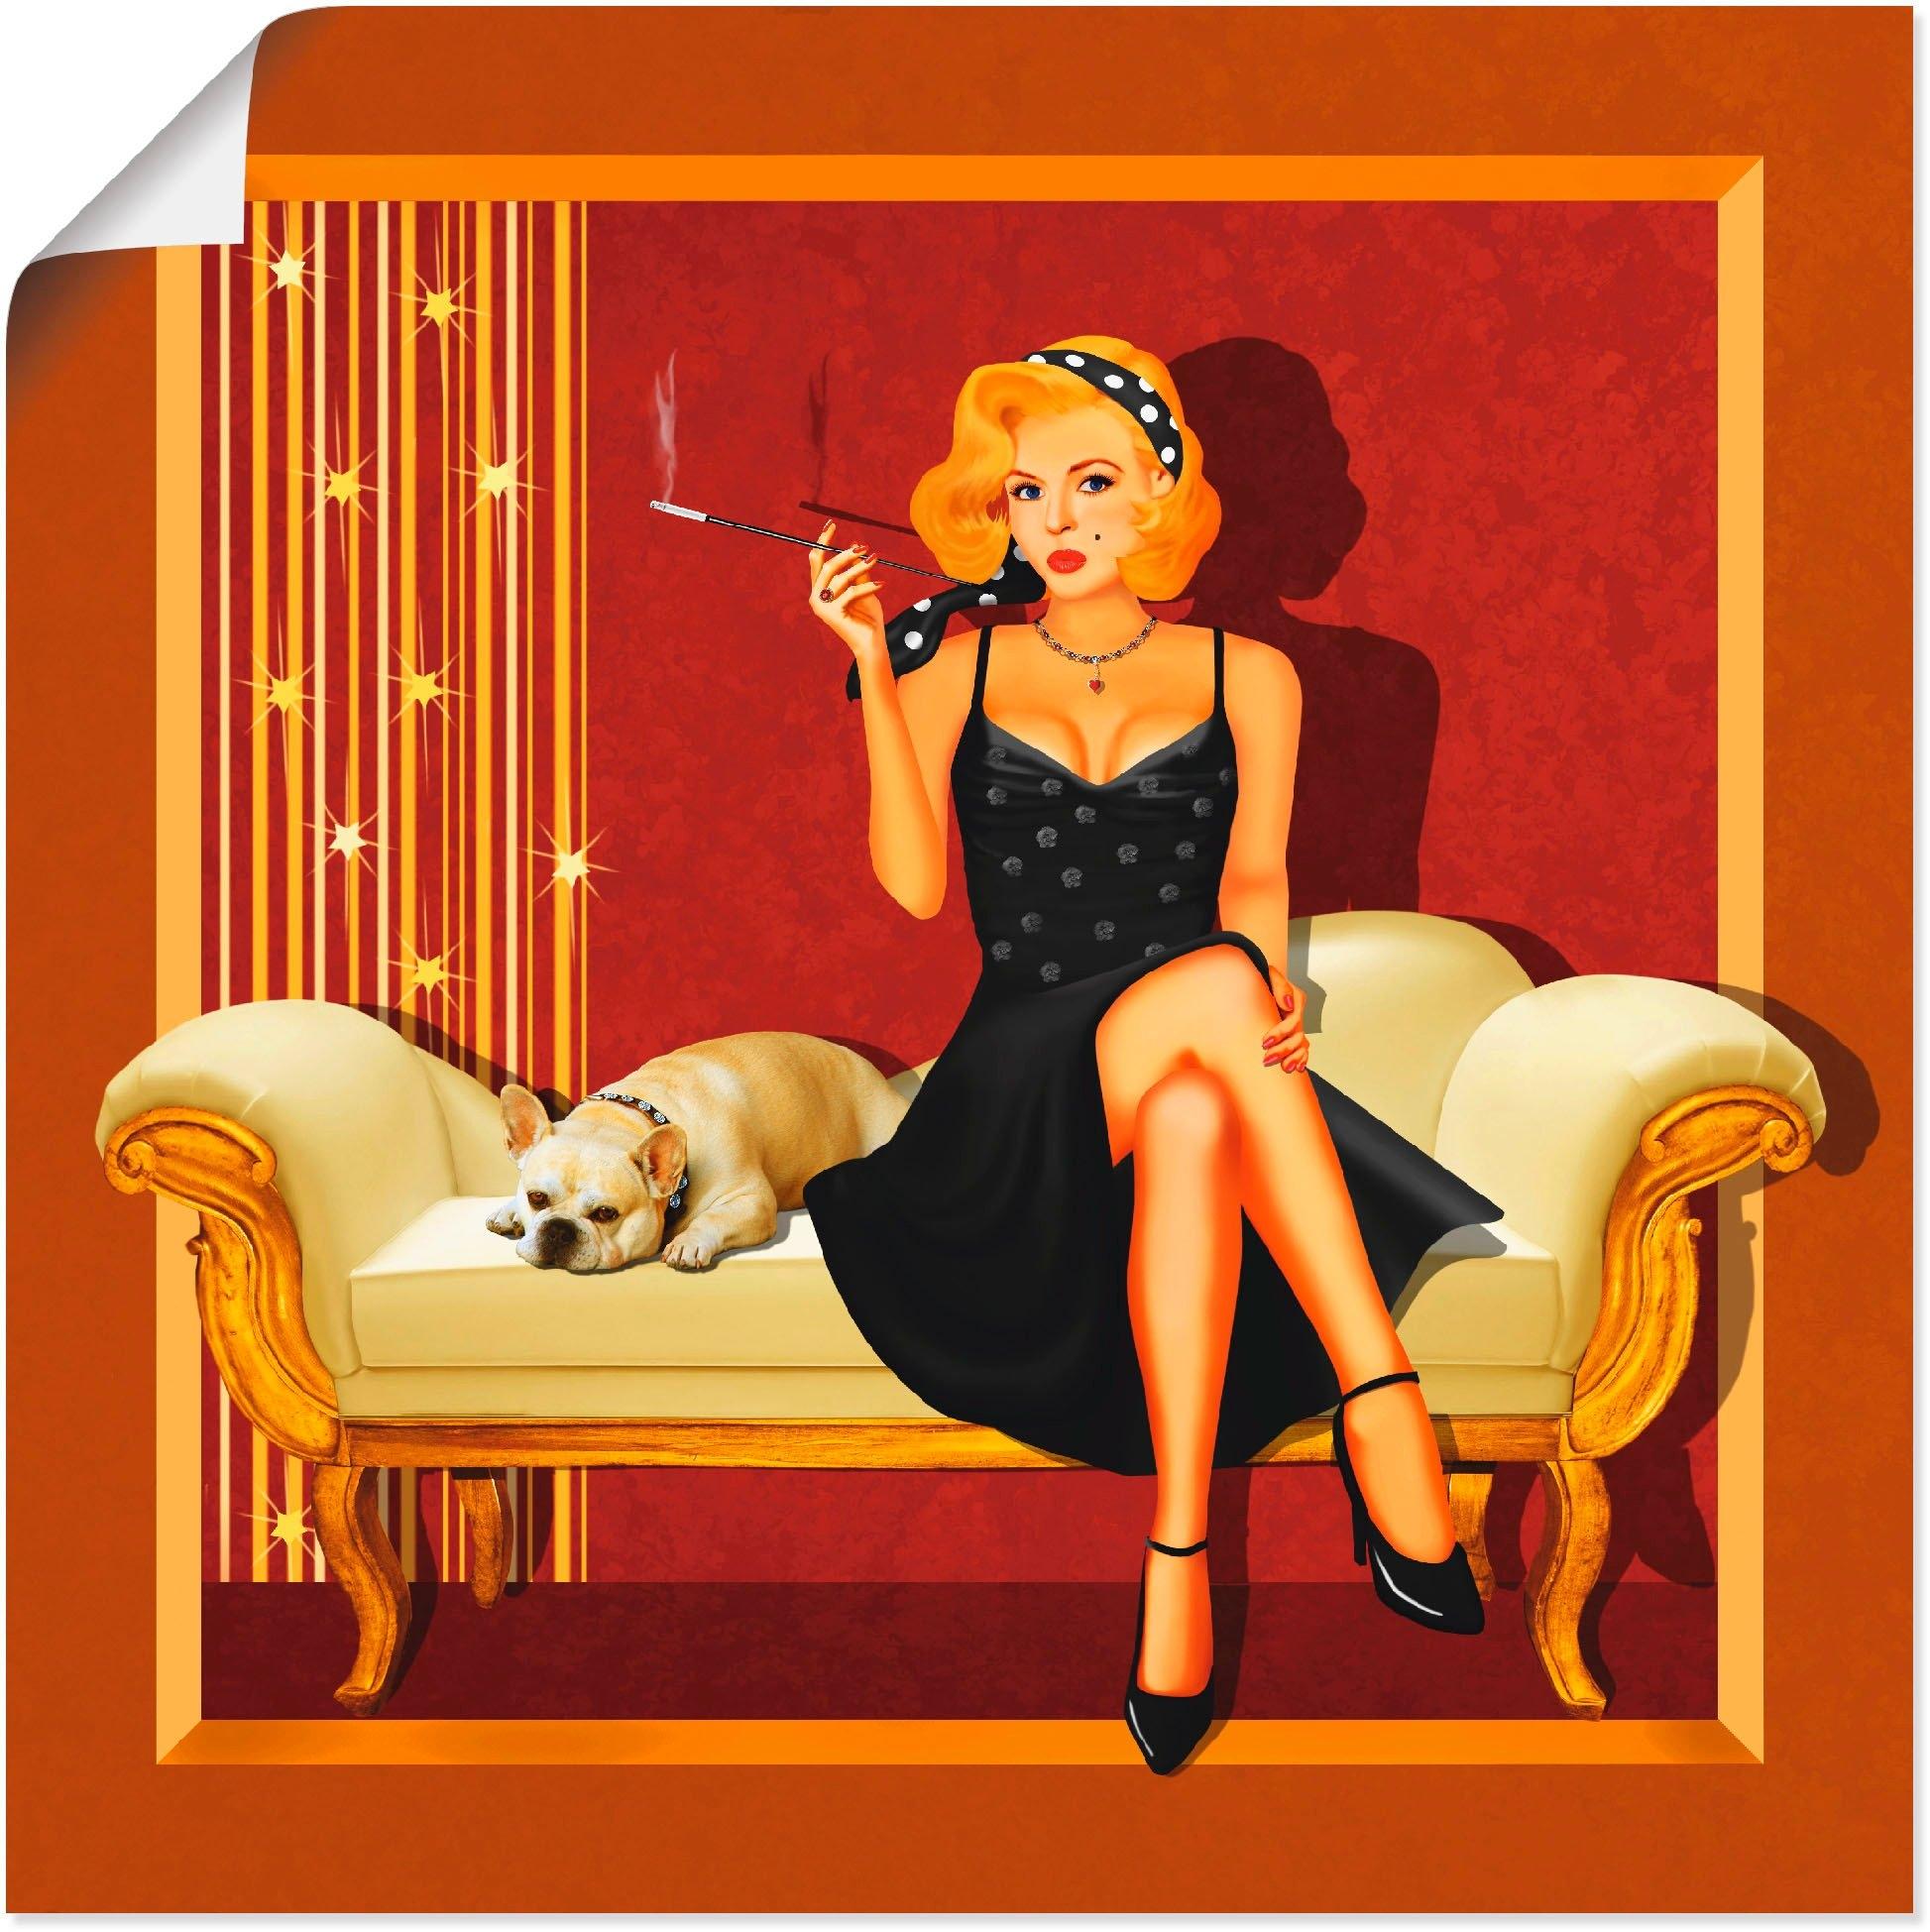 Artland artprint Pin-up glamour girl in vele afmetingen & productsoorten - artprint van aluminium / artprint voor buiten, artprint op linnen, poster, muursticker / wandfolie ook geschikt voor de badkamer (1 stuk) bij OTTO online kopen